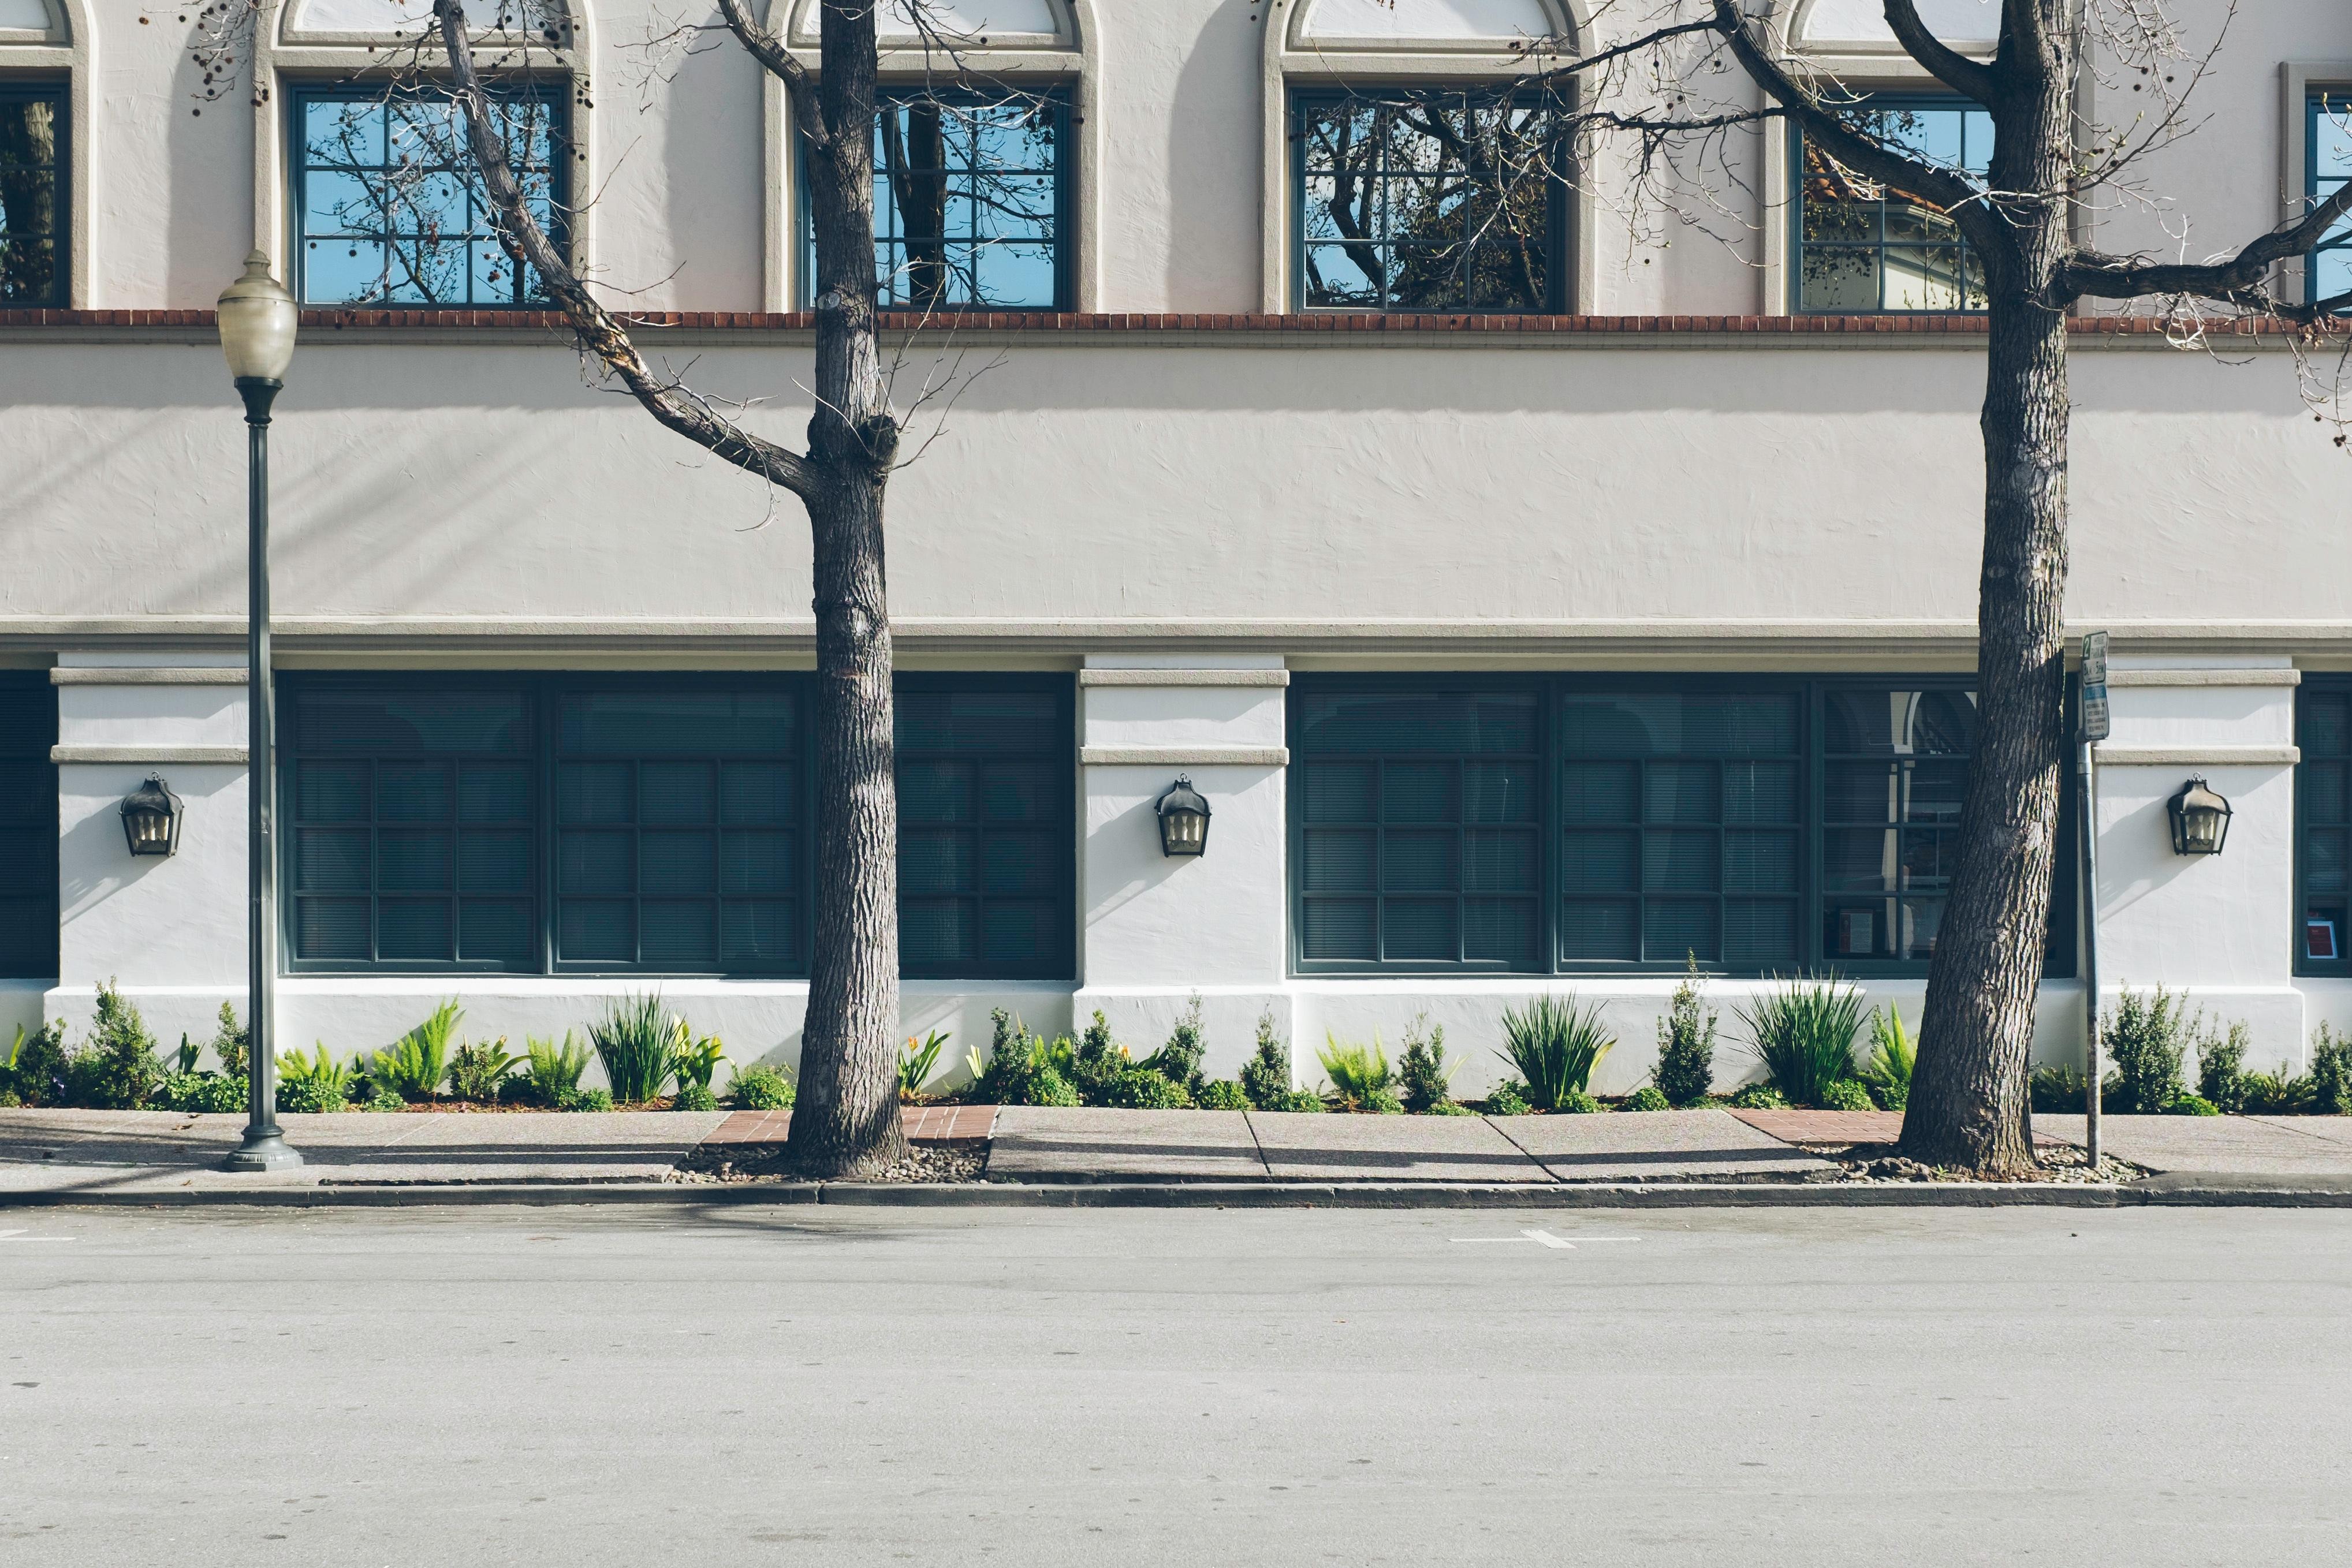 Fotos gratis : arquitectura, la carretera, calle, casa, ventana ...